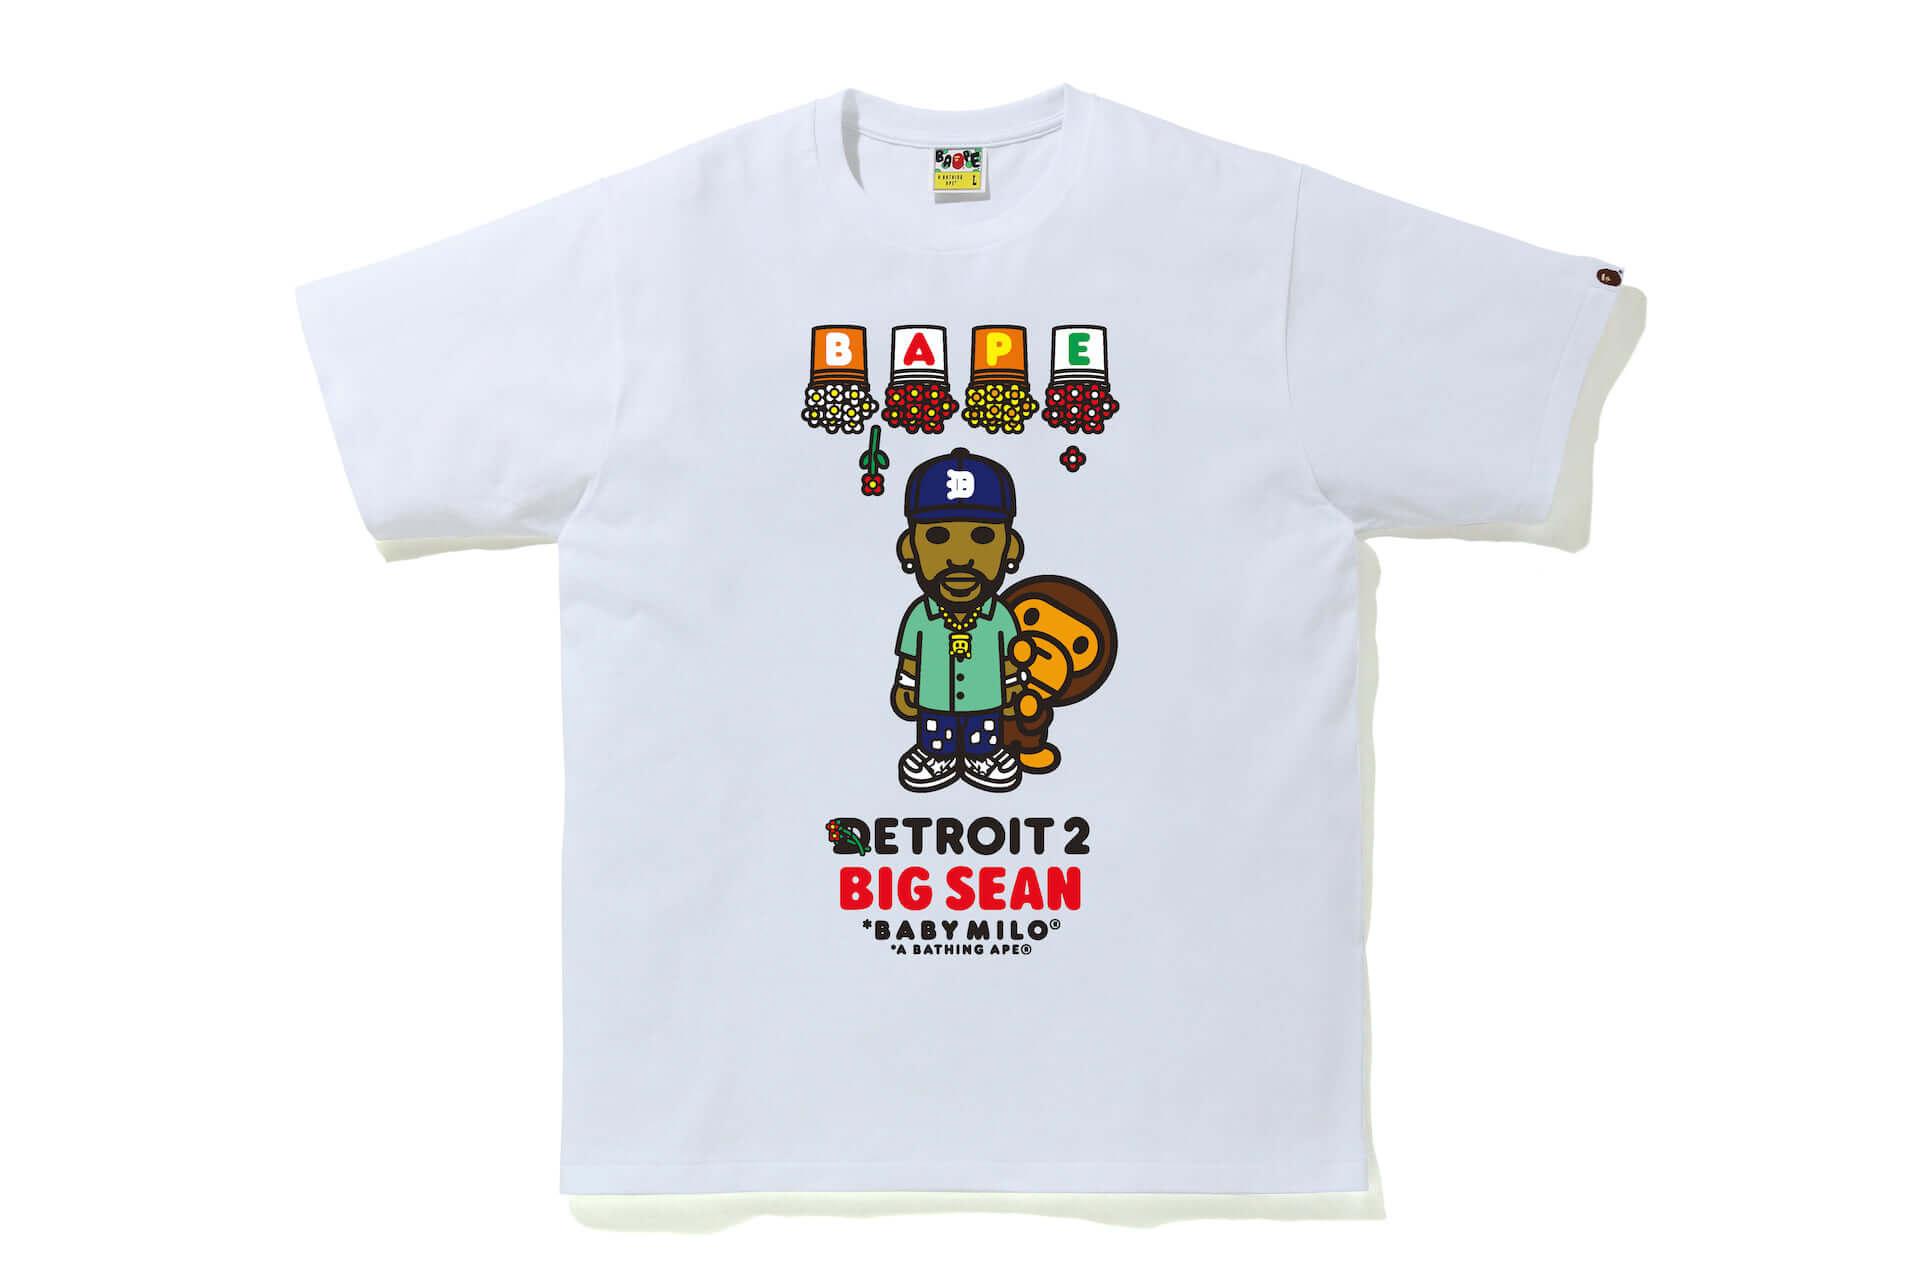 Big SeanとA BATHING APE(R)による最新コラボTシャツが発売決定!アルバム『DETROIT 2』のアートワークがBABY MILO(R)スタイルに lf210113_bape-bigsean_2-1920x1280